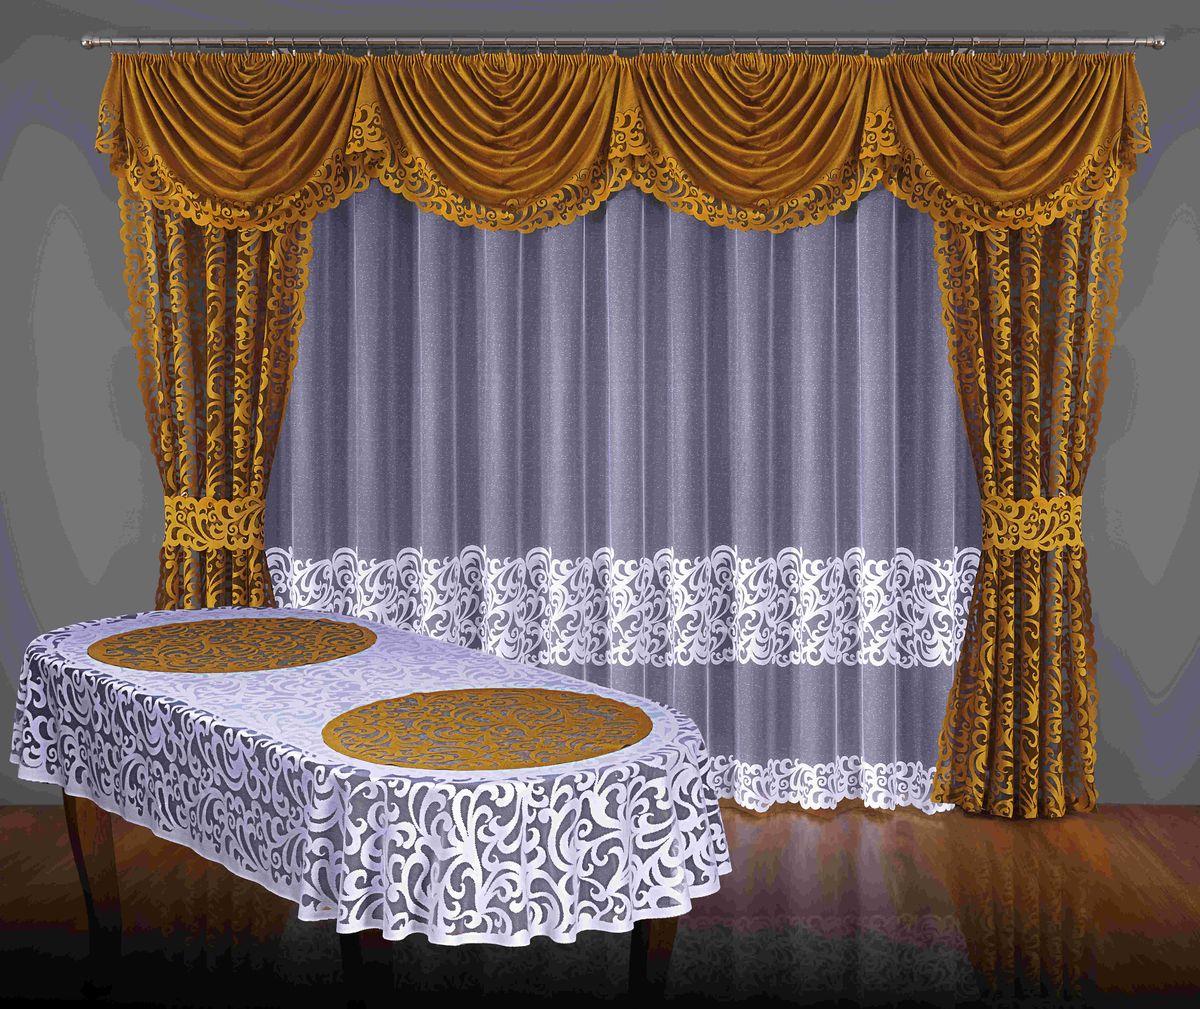 Комплект штор Wisan Modena, на ленте, цвет: золотой, белый, высота 250 смS03301004Комплект штор Wisan Modena выполненный из полиэстера, великолепно украсит любое окно. Тонкое плетение, оригинальный дизайн привлекут к себе внимание и органично впишутся в интерьер. В комплект входят 2 шторы, тюль, ламбрекен и 2 подхвата. Кружевной узор придает комплекту особый стиль и шарм. Тонкое жаккардовое плетение, нежная цветовая гамма и роскошное исполнение - все это делает шторы Wisan Modena замечательным дополнением интерьера помещения. Комплект оснащен шторной лентой для красивой сборки. В комплект входит: Штора - 2 шт. Размер (ШхВ): 145 см х 250 см. Тюль - 1 шт. Размер (ШхВ): 400 см х 250 см. Ламбрекен - 1 шт. Размер (ШхВ): 350 см х 55 см.Подхваты - 2 шт. Фирма Wisan на польском рынке существует уже более пятидесяти лет и является одной из лучших польских фабрик по производству штор и тканей. Ассортимент фирмы представлен готовыми комплектами штор для гостиной, детской, кухни, а также текстилем для кухни (скатерти, салфетки, дорожки, кухонные занавески). Модельный ряд отличает оригинальный дизайн, высокое качество. Ассортимент продукции постоянно пополняется.УВАЖАЕМЫЕ КЛИЕНТЫ! Обращаем ваше внимание, что в комплектацию товара входит только комплект штор, остальные предметы служат лишь для визуального восприятия товара.